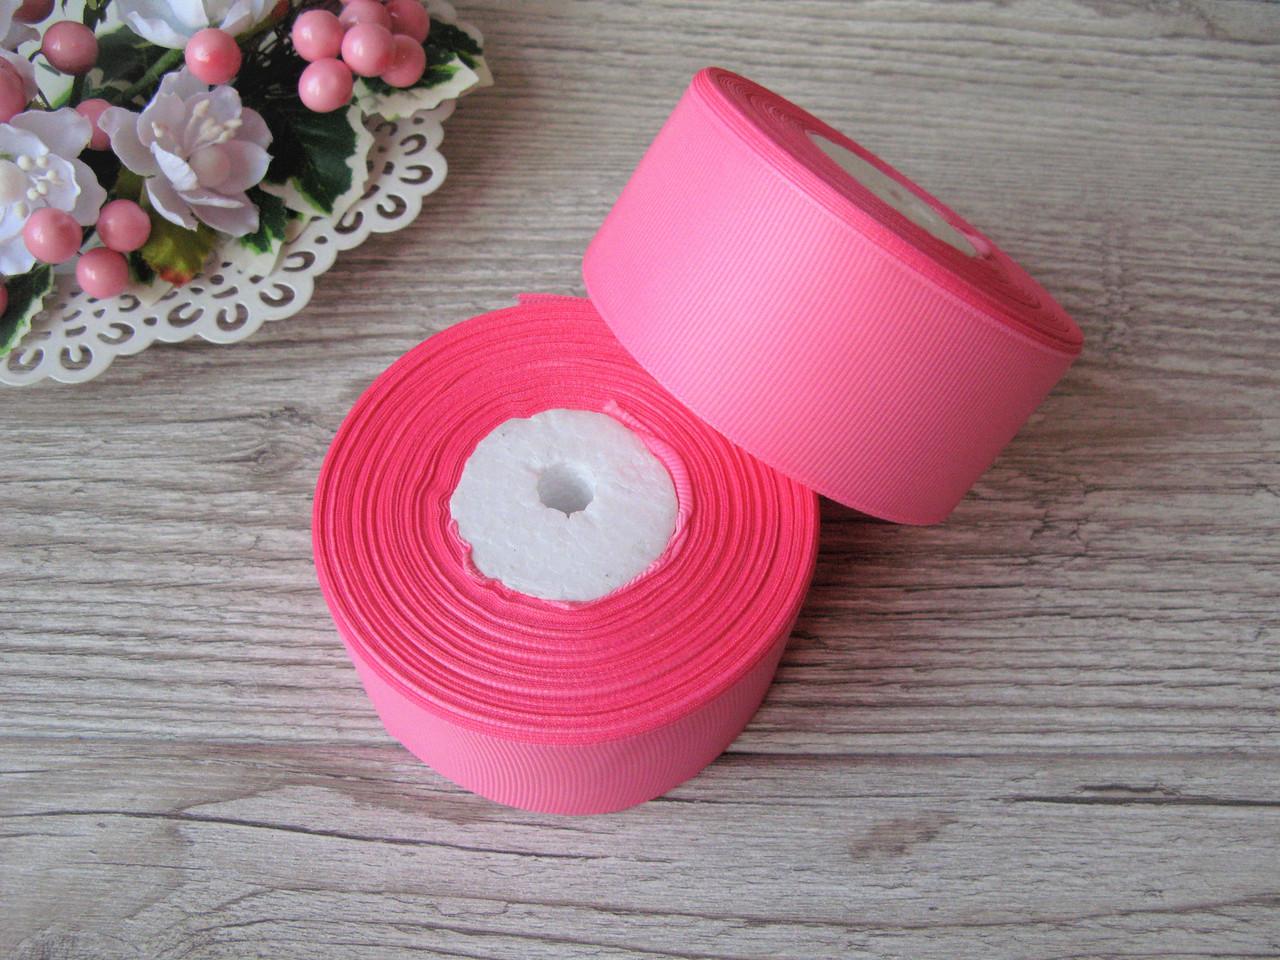 Лента репсовая 4 см ярко розовый, бобина 18 м - 51 грн